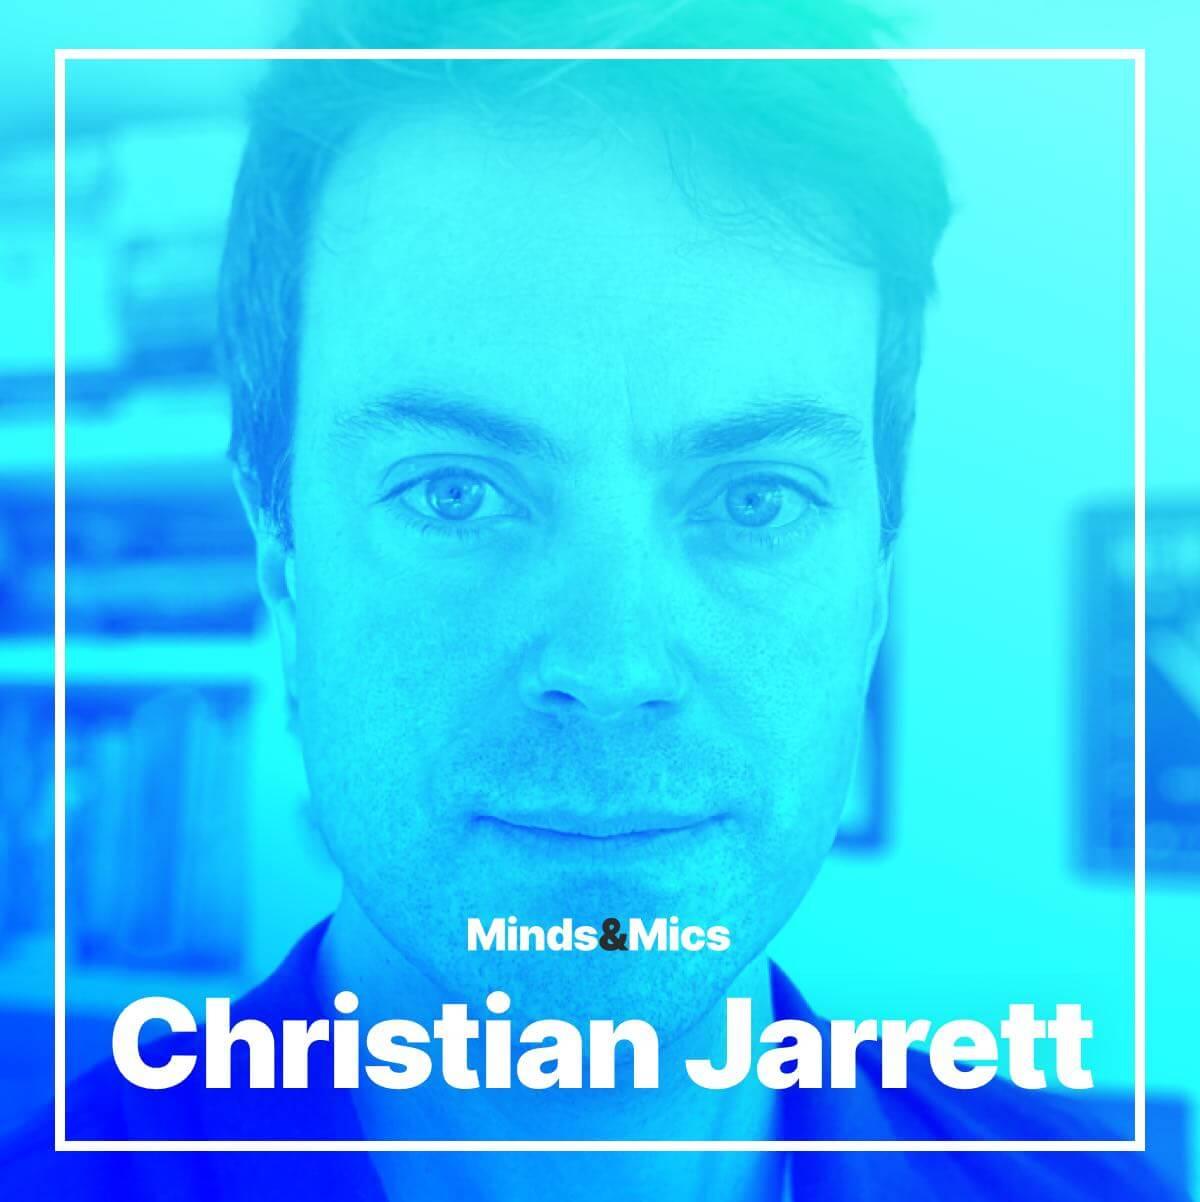 Christian Jarrett Minds and Mics Wignall